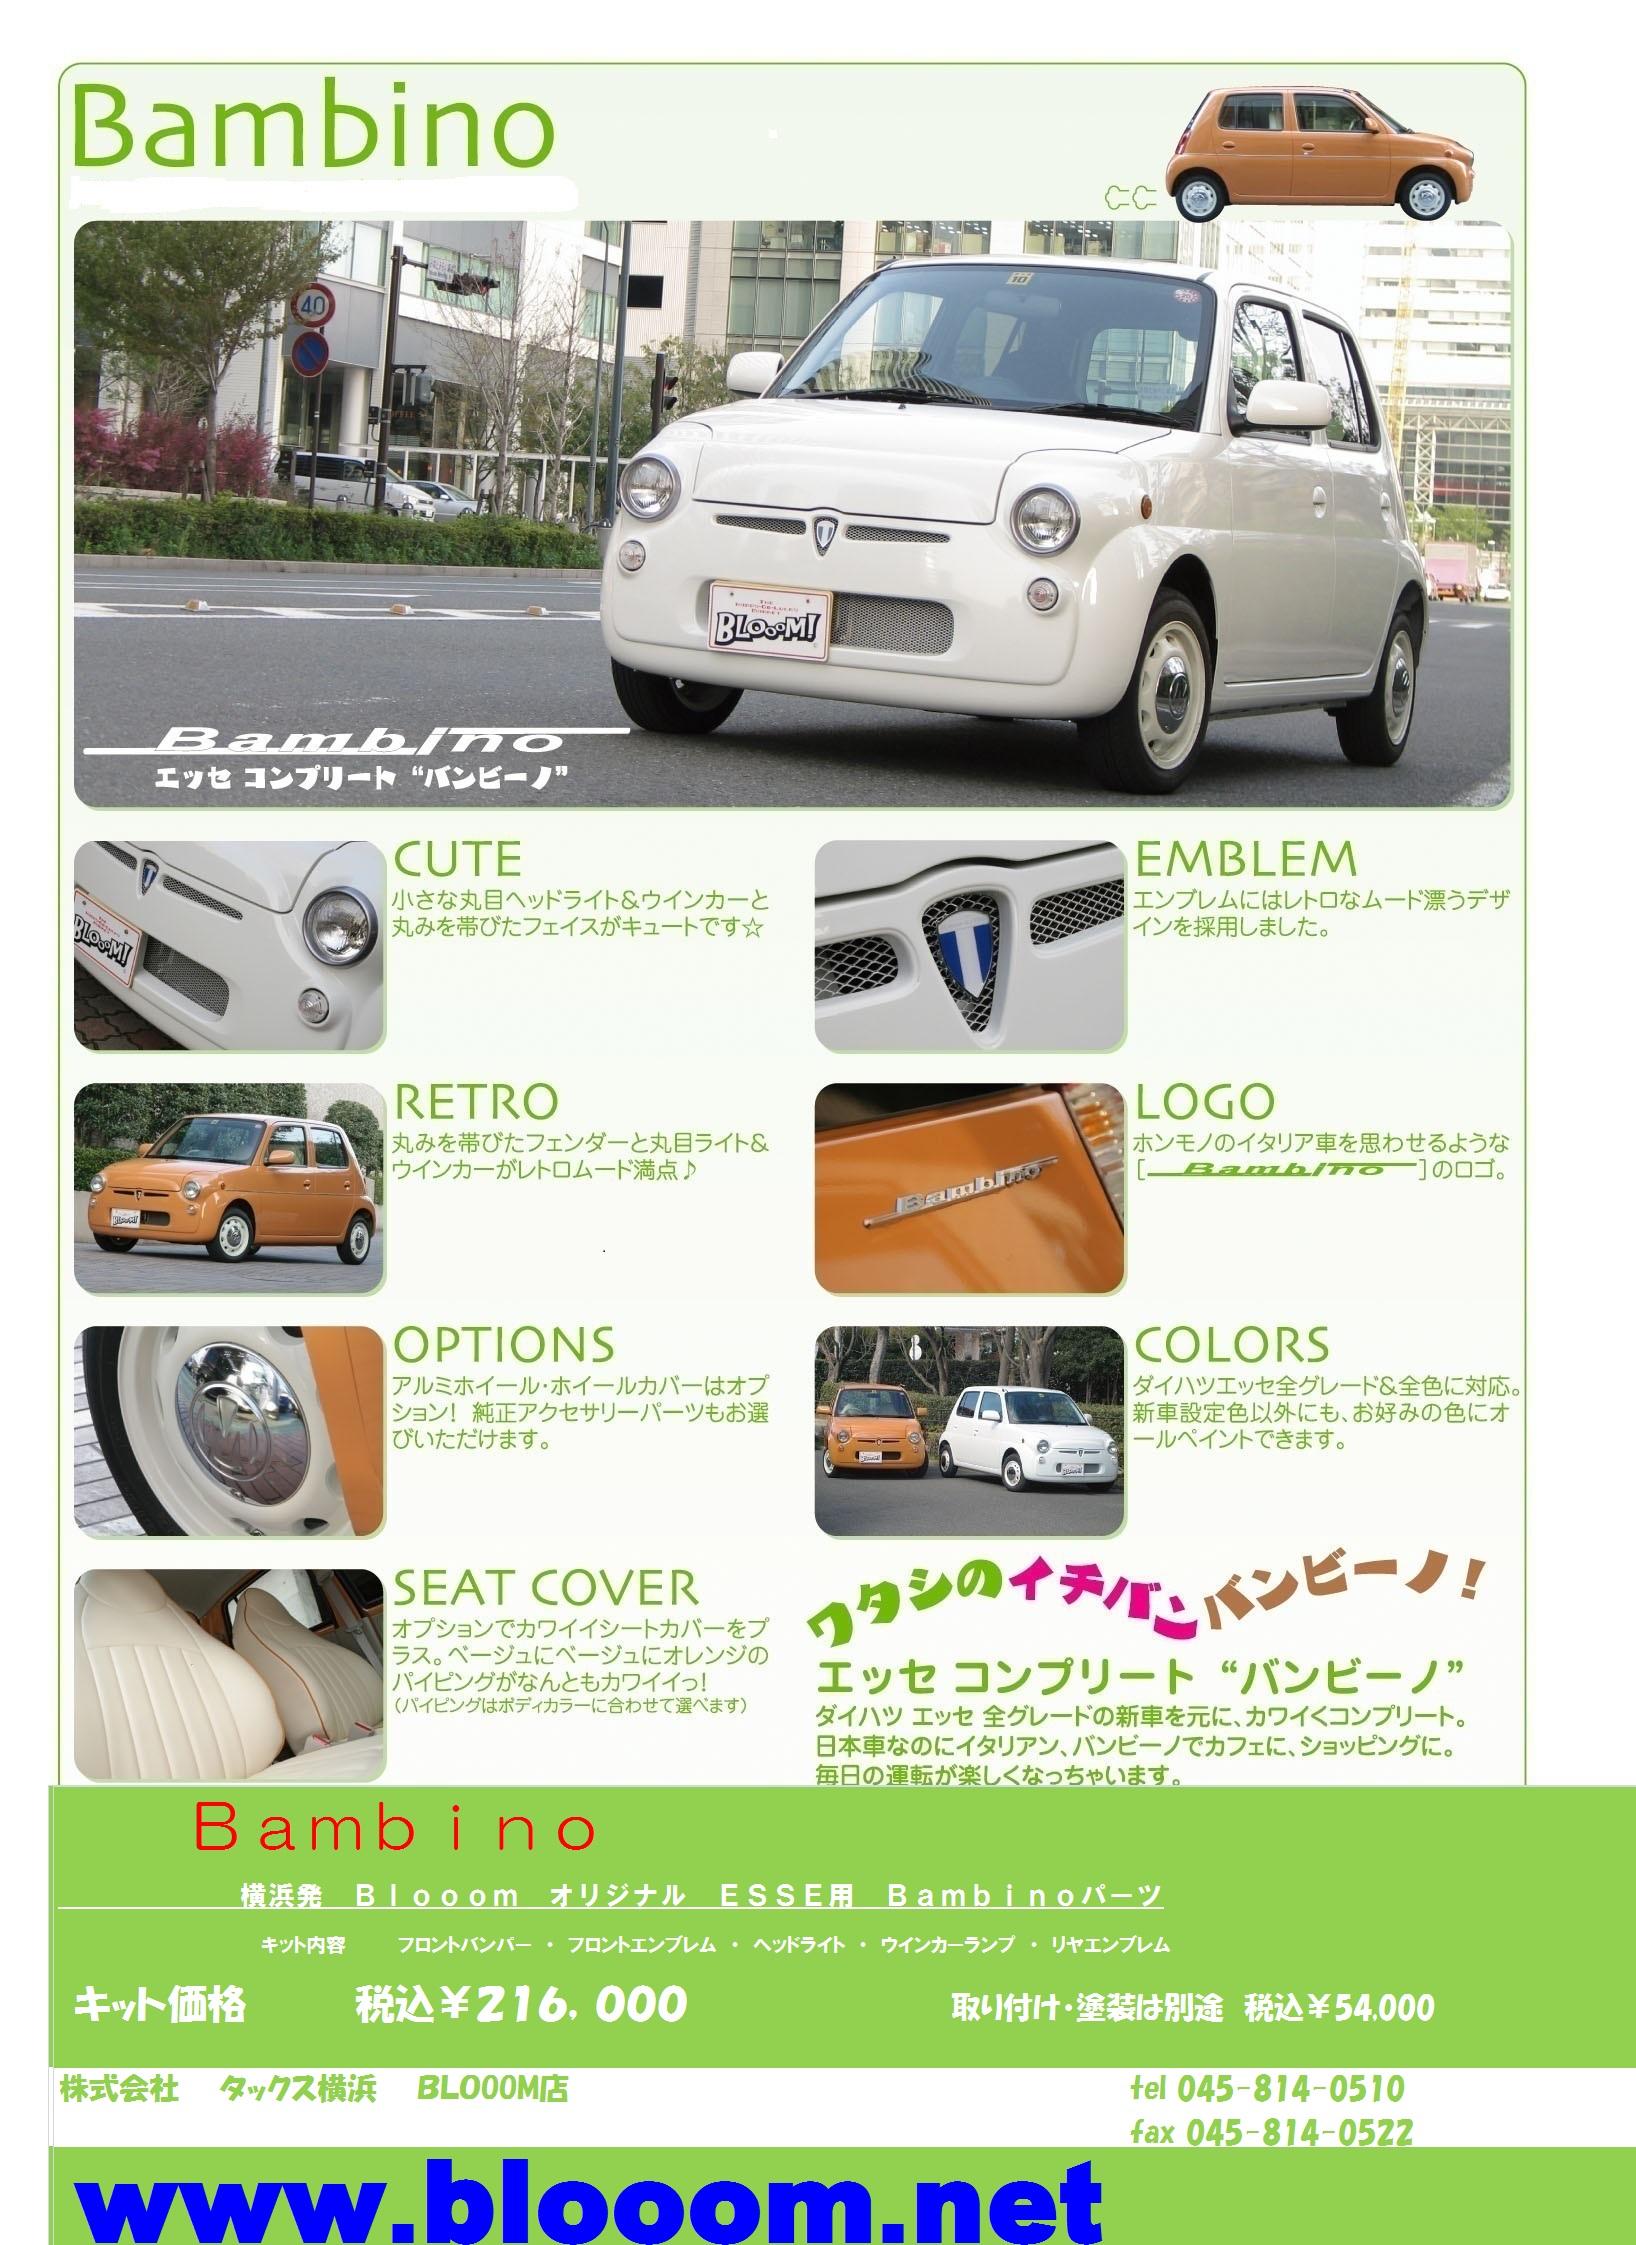 日本車なのにイタリアン!バンビーノ